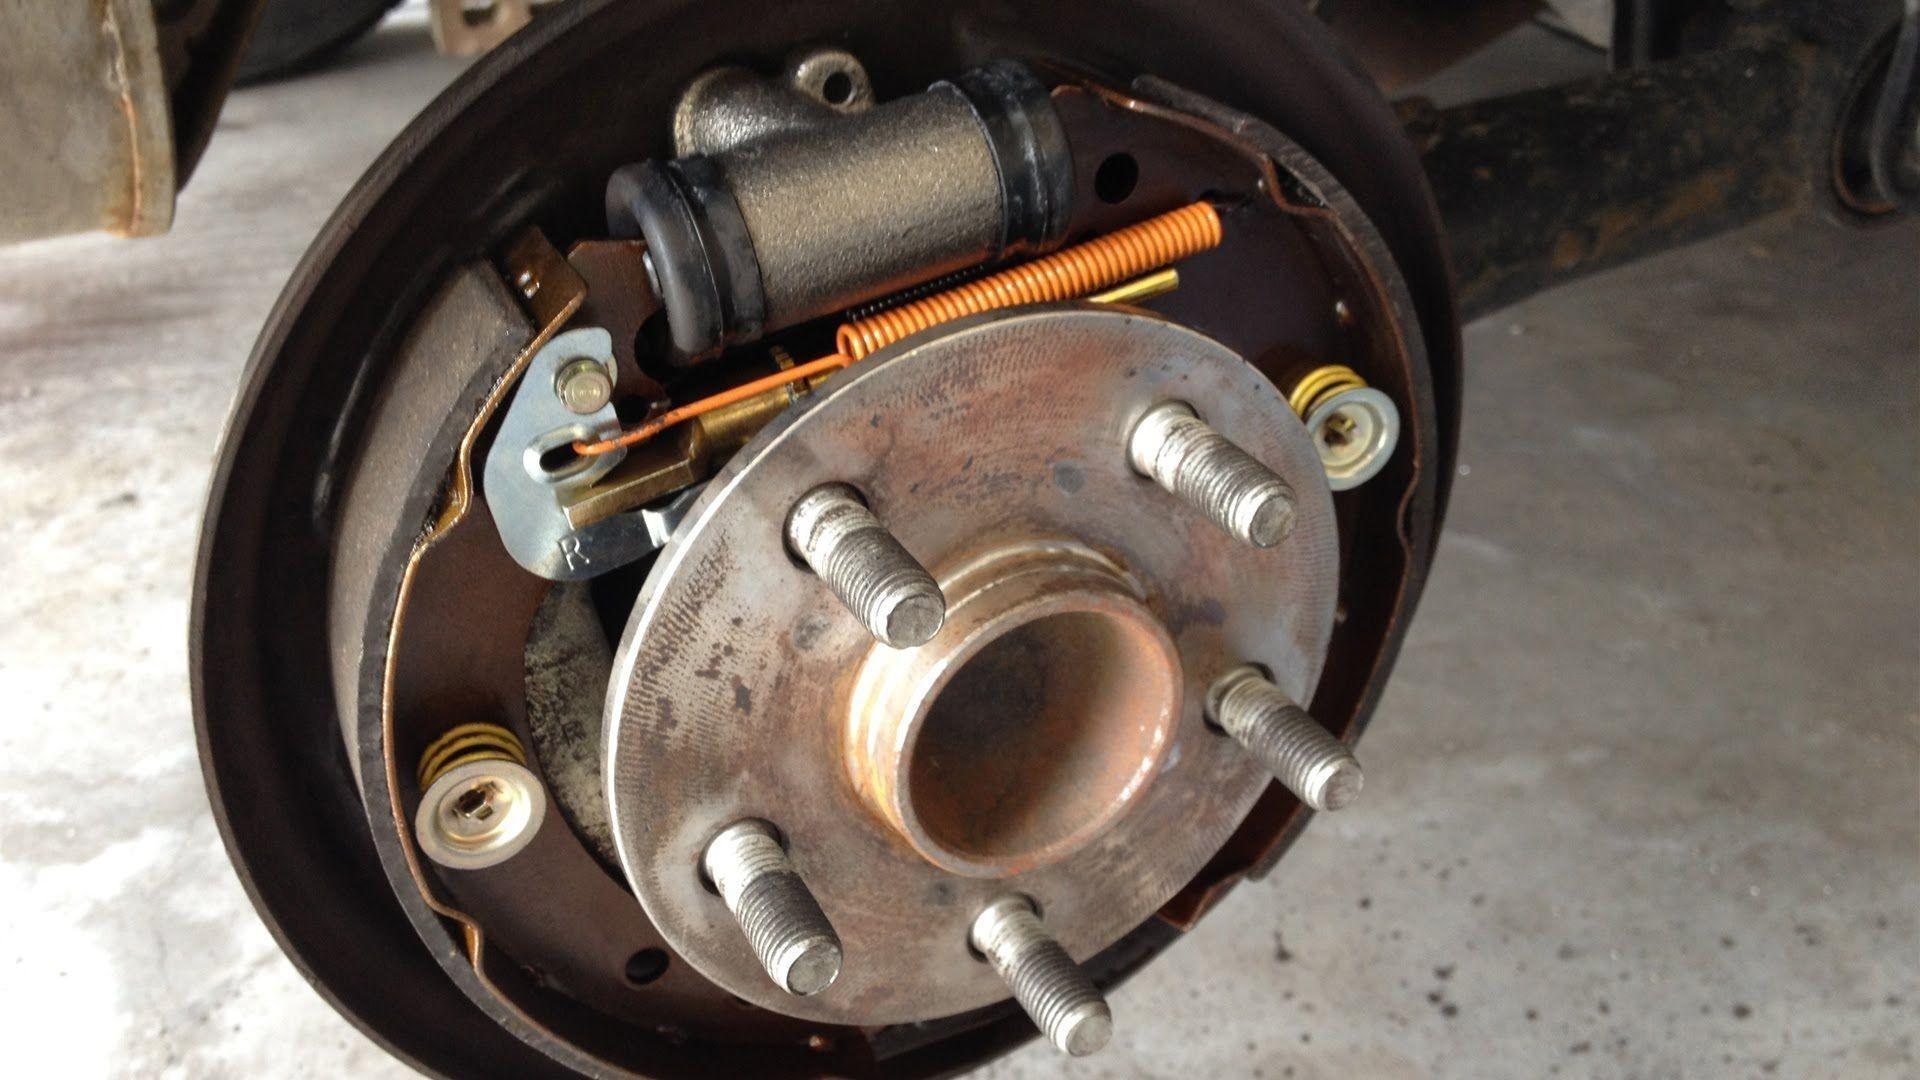 Car Disc Brakes Diagram top 50 Drum Set Wallpaper Of Car Disc Brakes Diagram